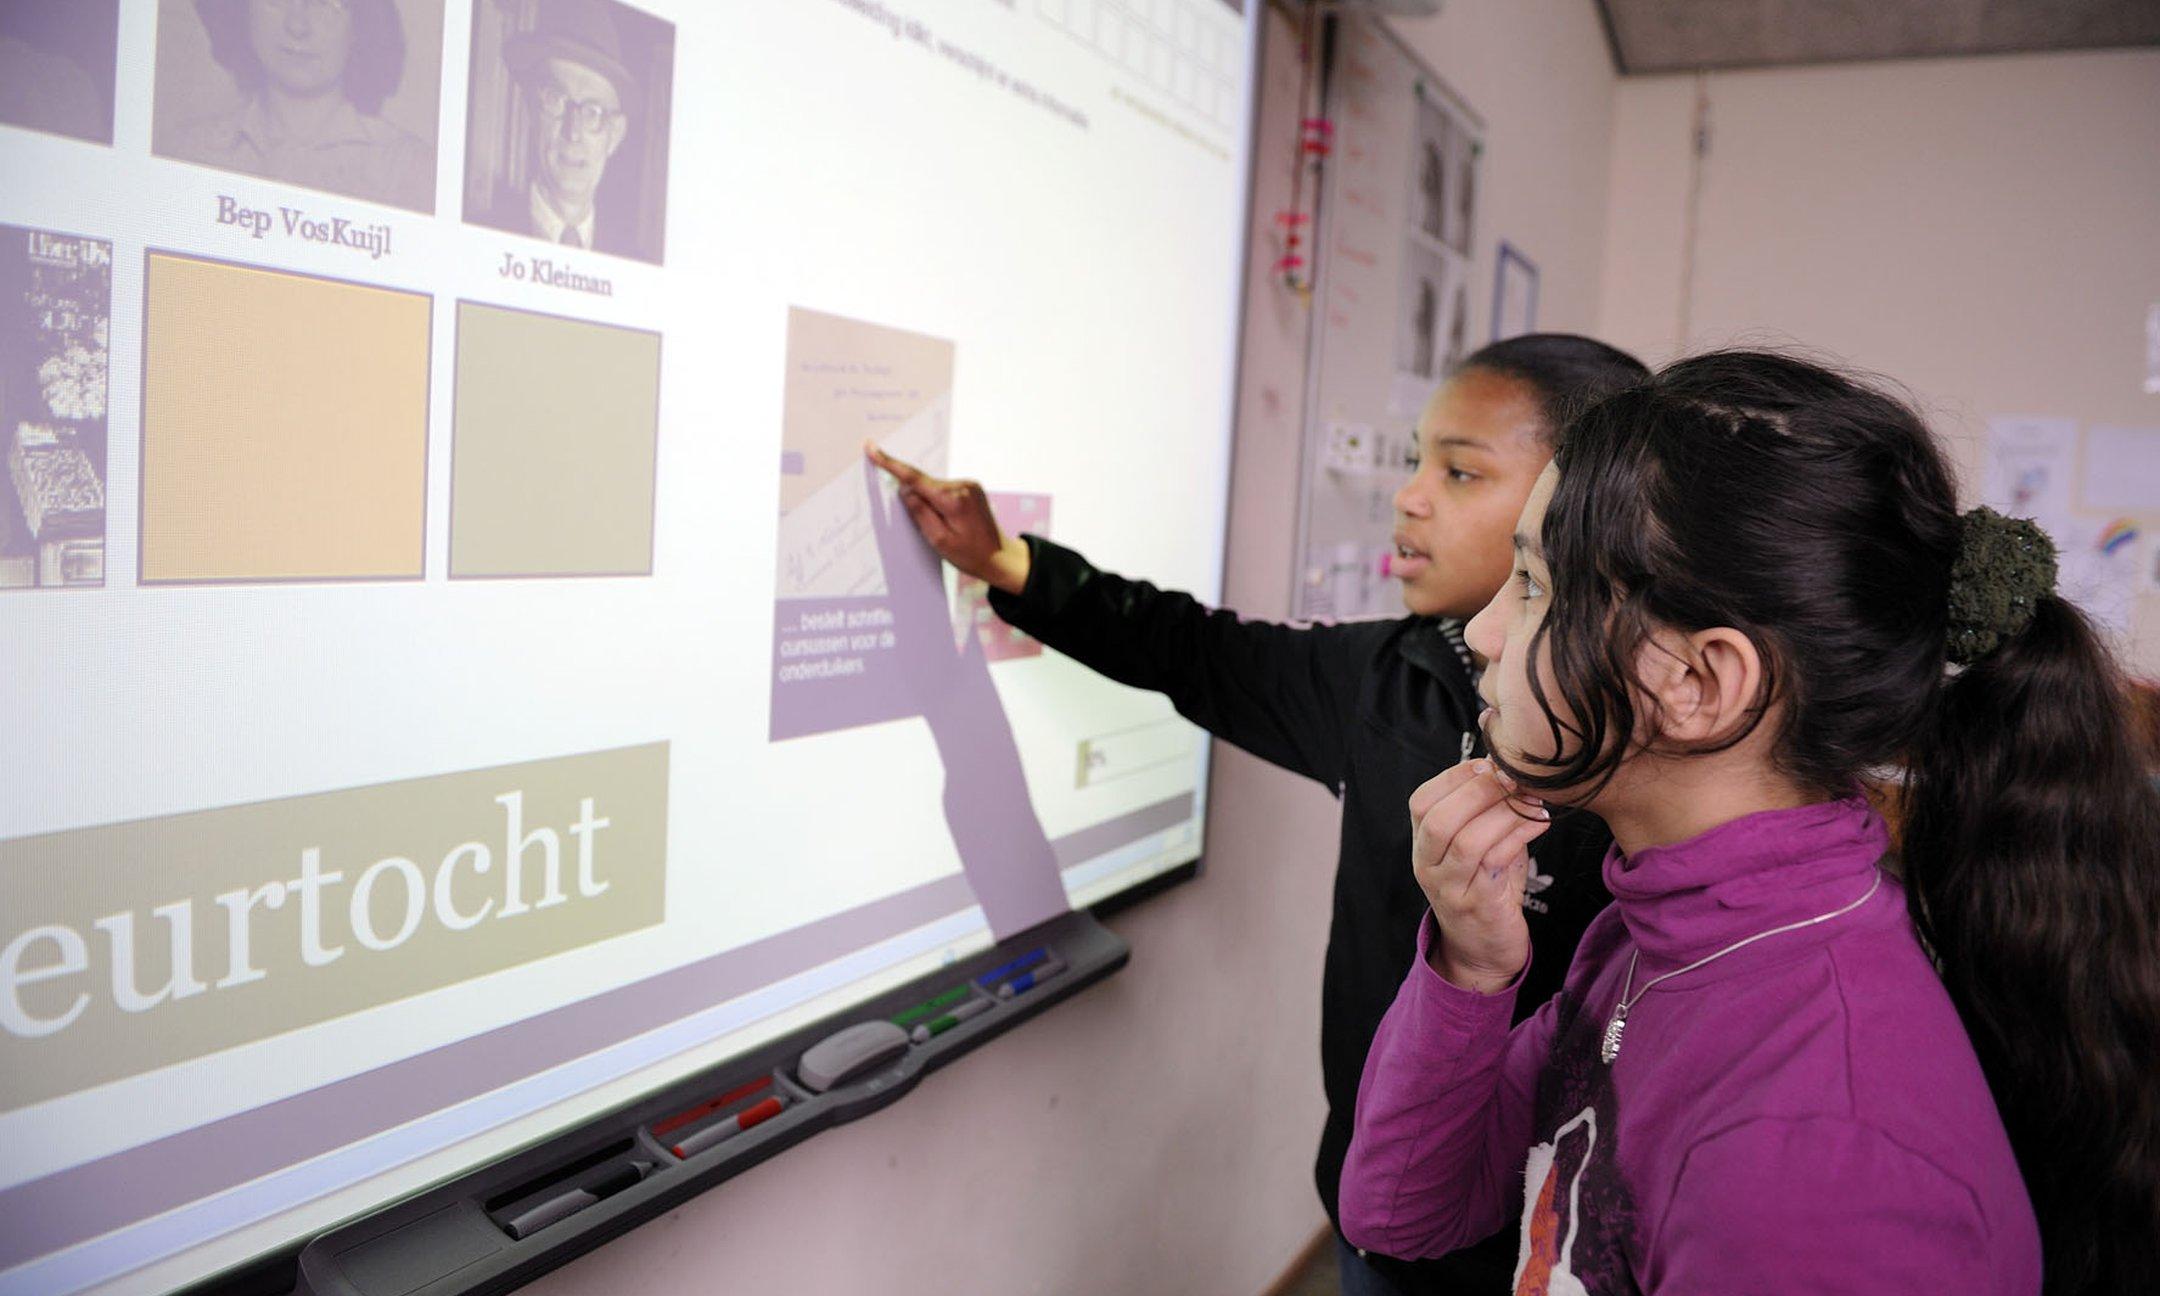 Schüler*innen aktiv am Digiboard mit einer digitalen Unterrichtseinheit über Anne Frank